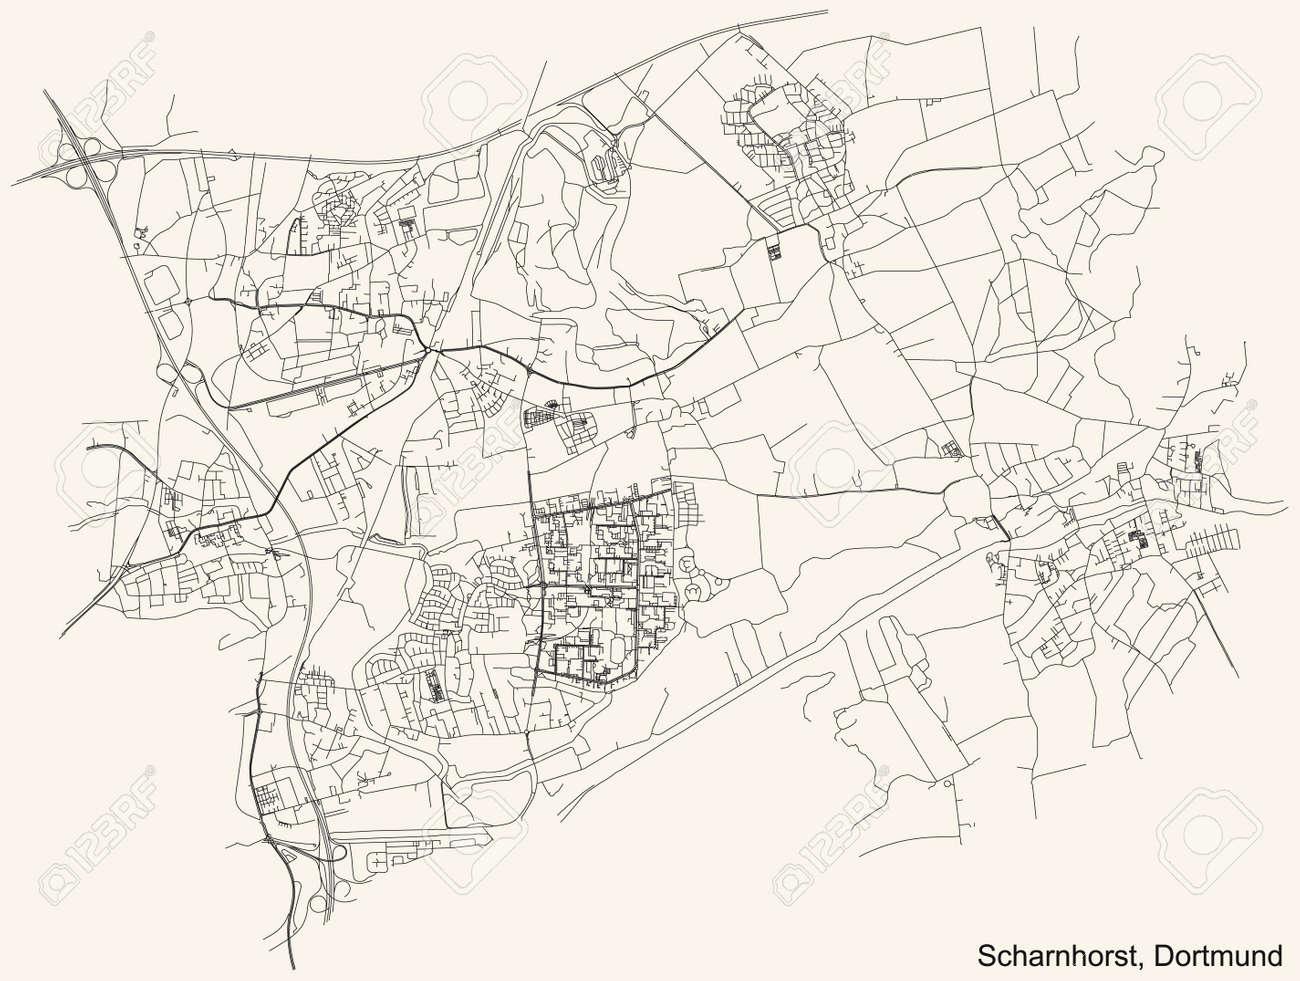 Black simple detailed street roads map on vintage beige background of the quarter Stadtbezirk Scharnhorst district of Dortmund, Germany - 169986149